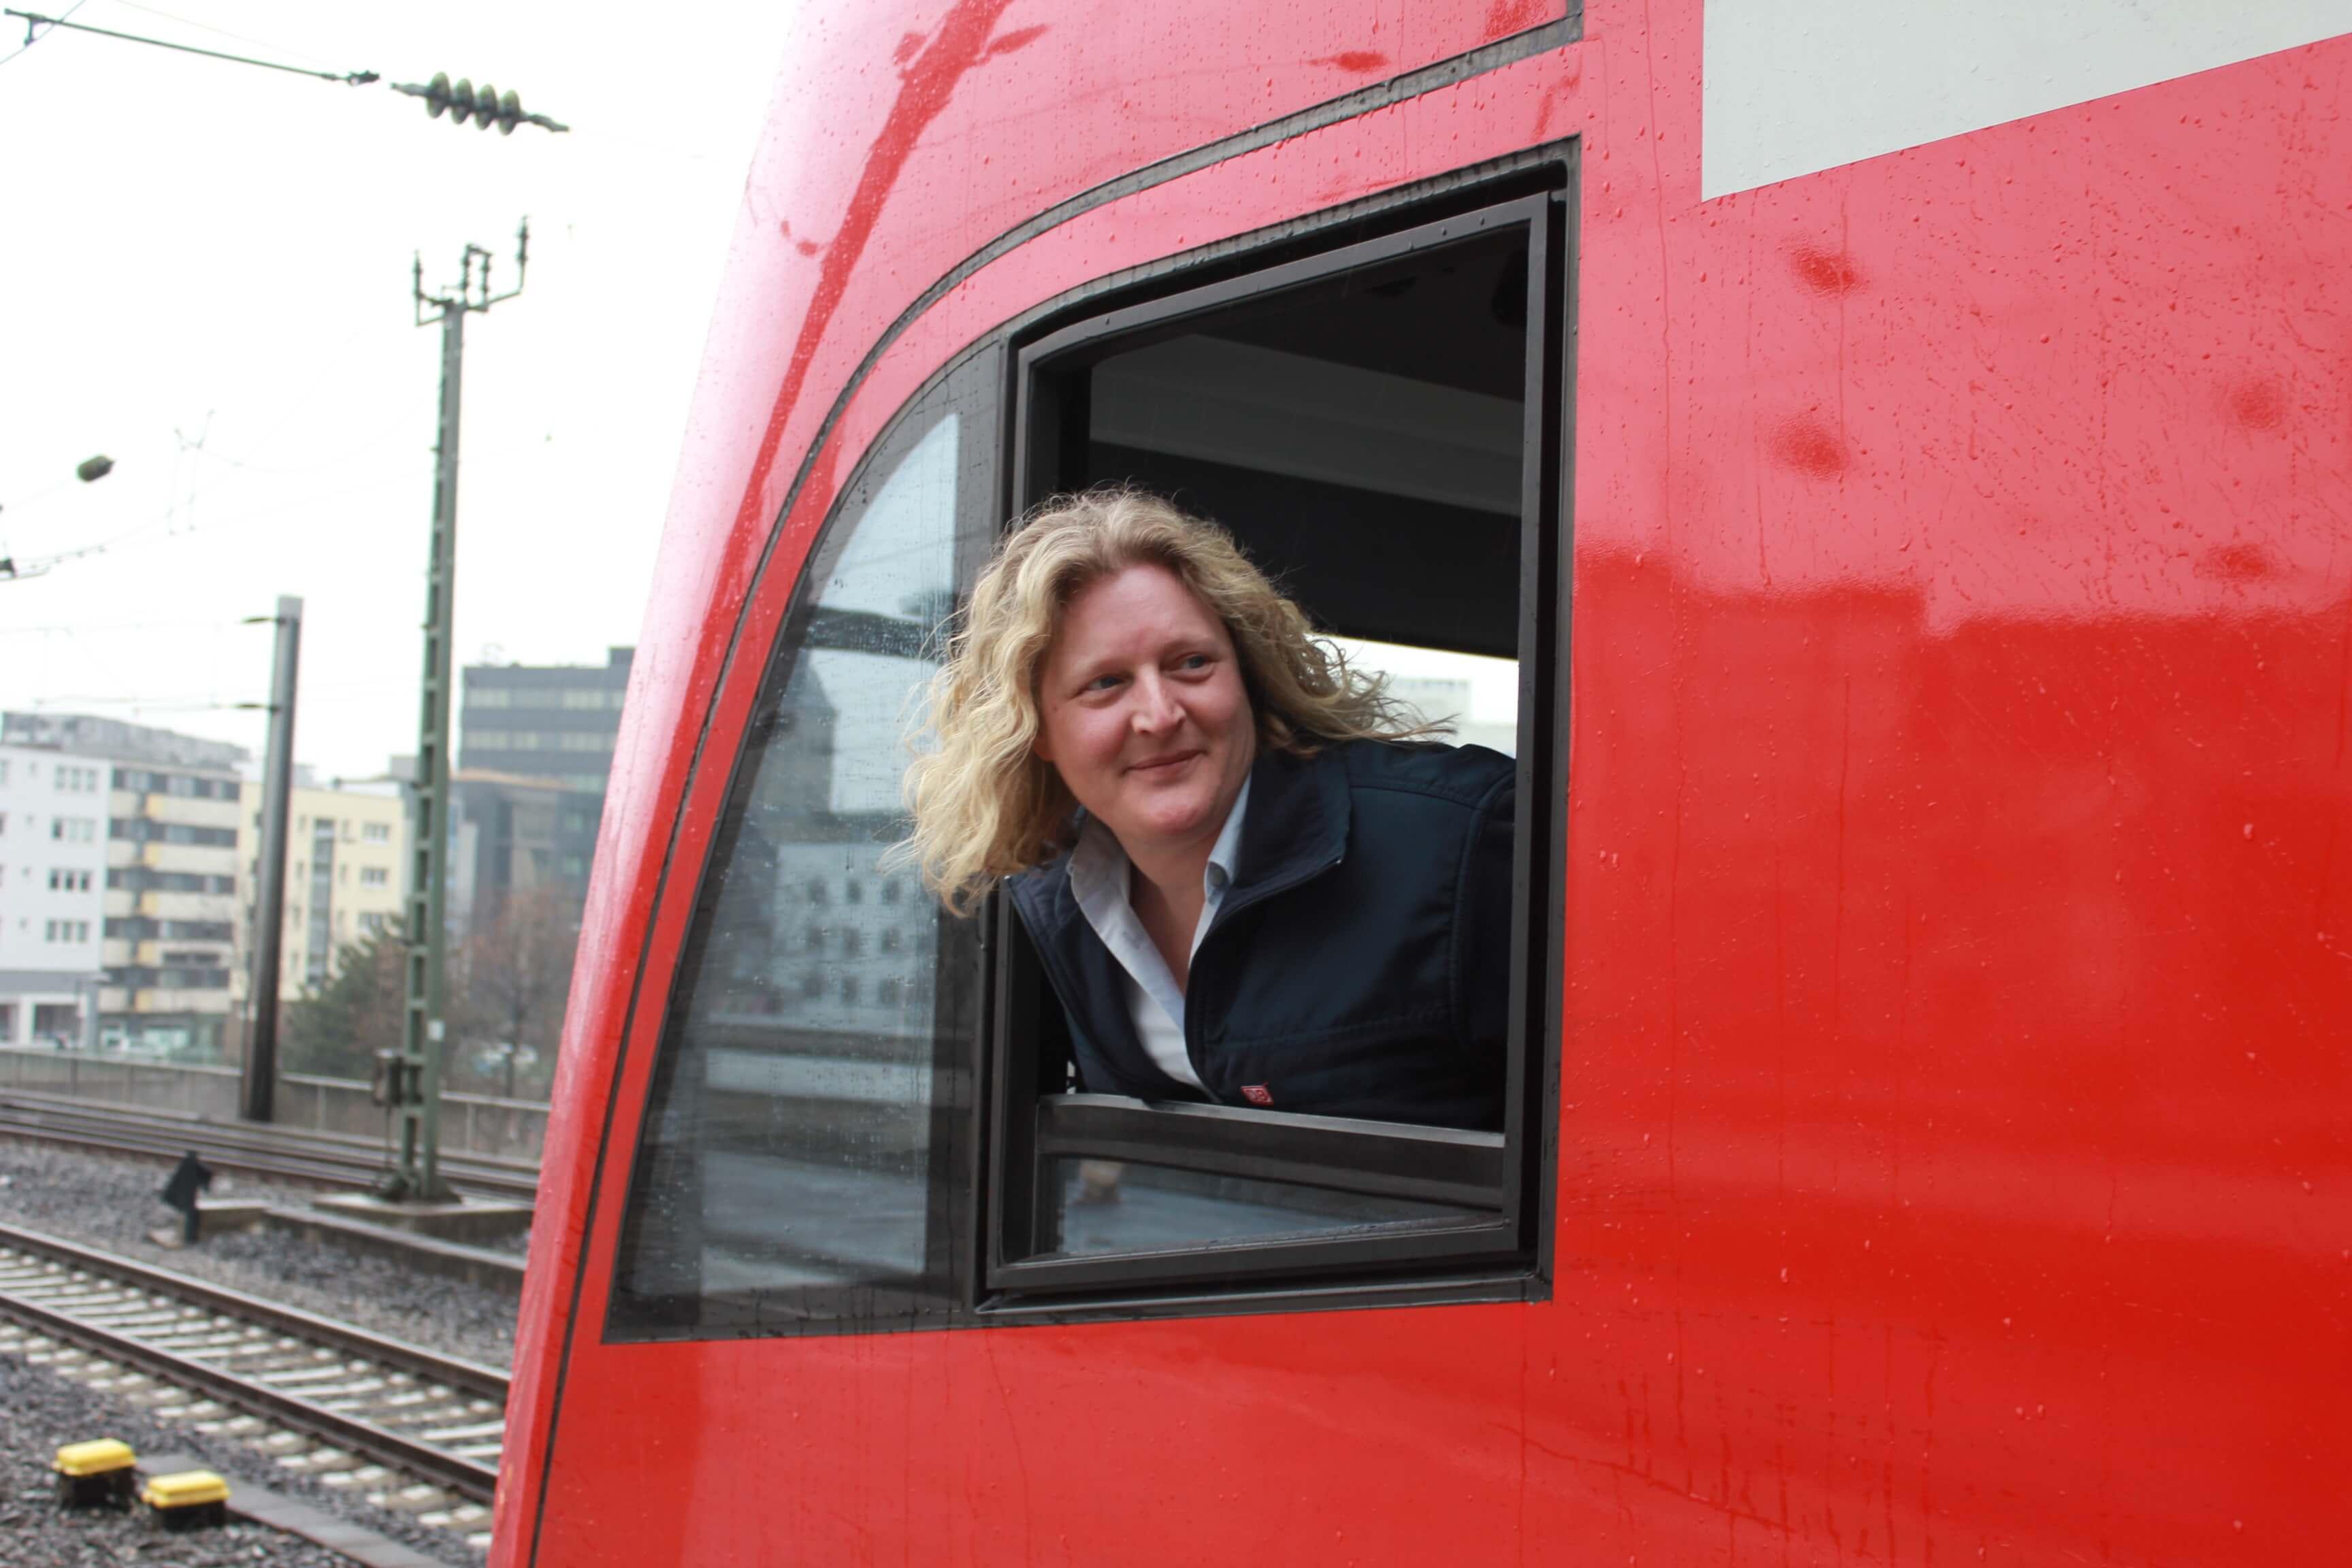 Lokführerin Sonja Holländer wartet auf die Abfahrt ihres RE 1 Richtung Aachen im Kölner Hauptbahnhof.